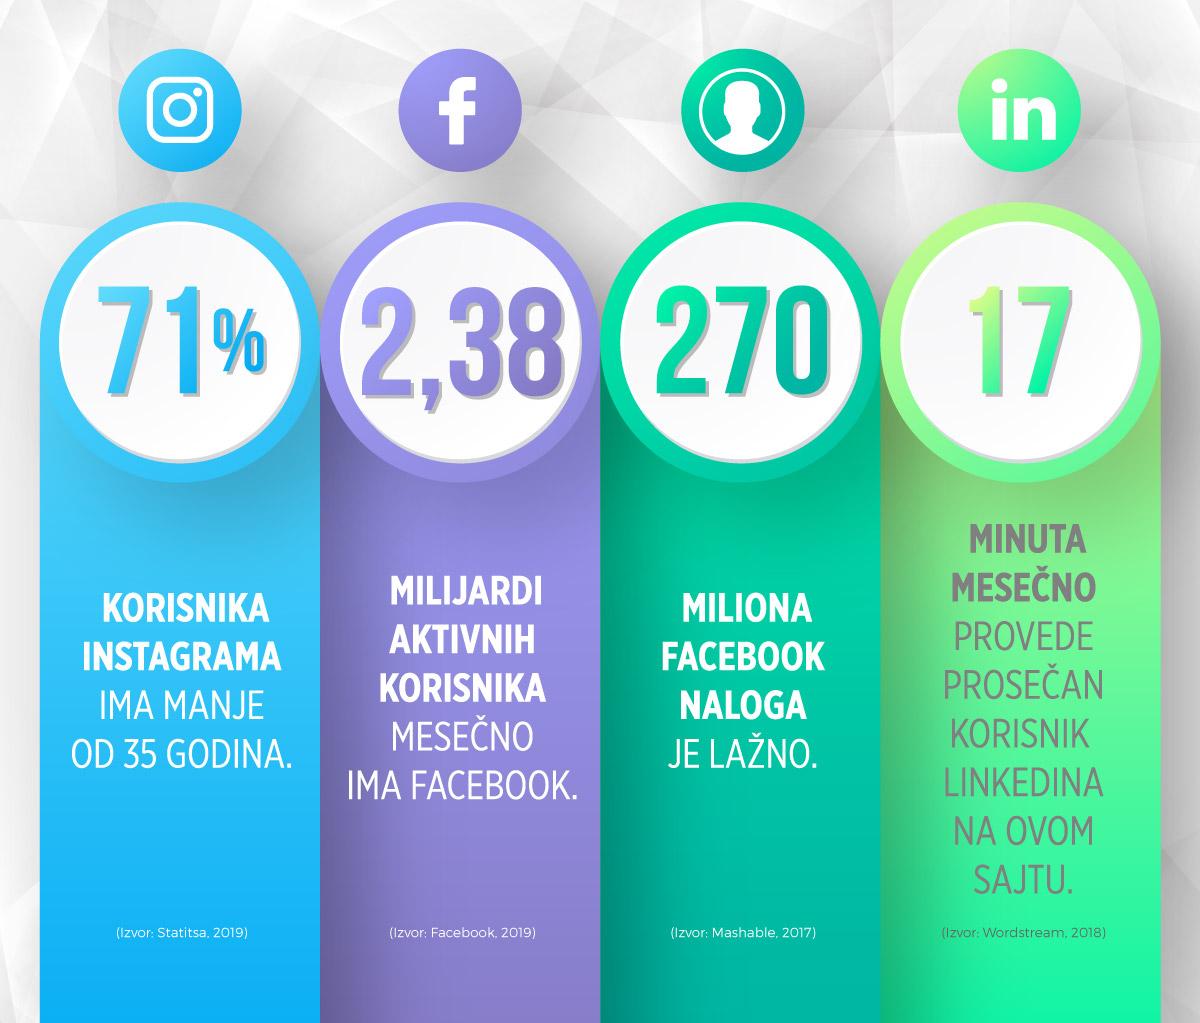 Društvene mreže brojke informacije